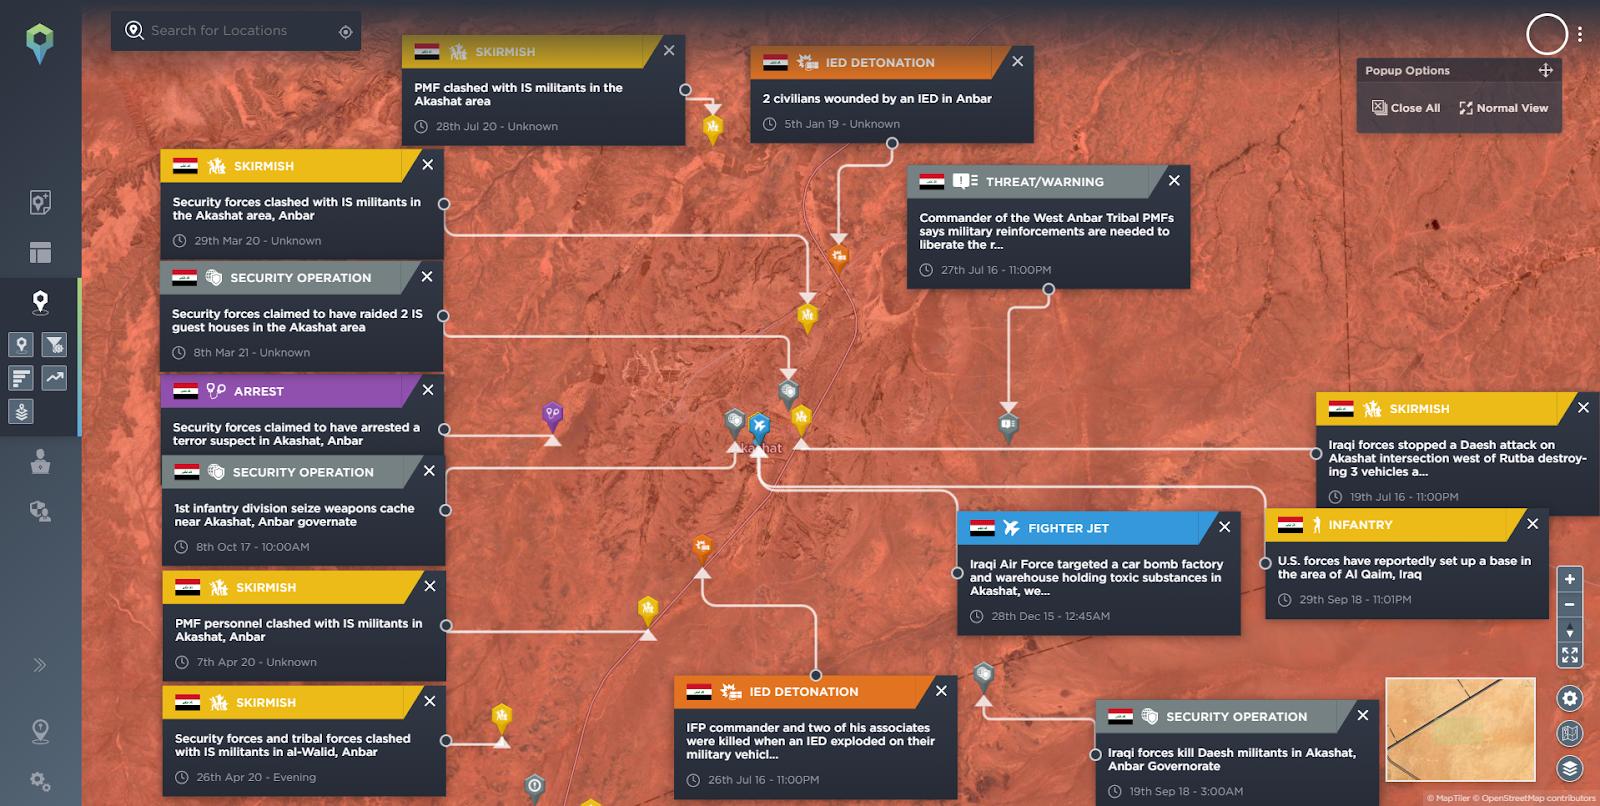 Akashat Phosphate Mining Operation Incidents